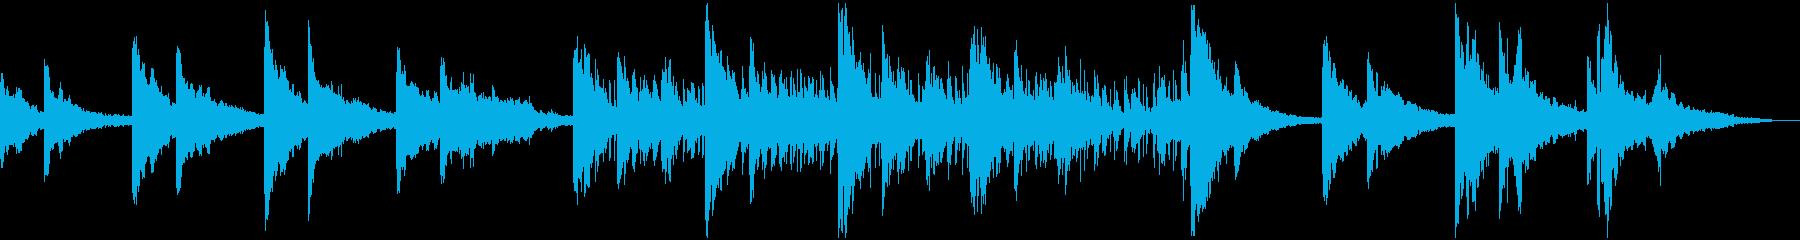 ピアノメインのLo-fiHipHopの再生済みの波形